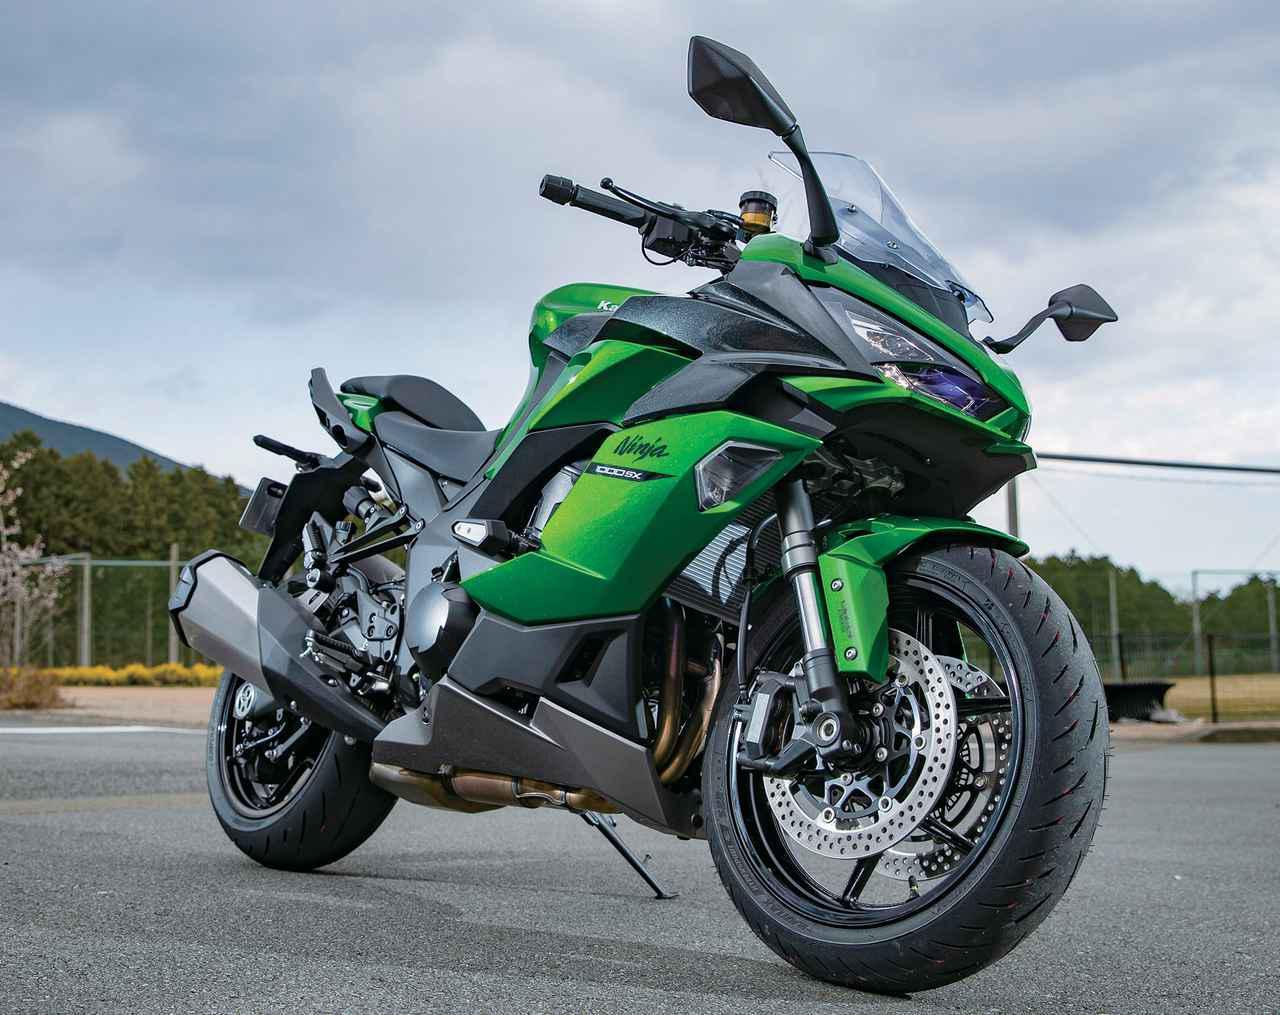 画像: カワサキ「Ninja 1000SX」ヒストリーガイド【名車の歴史】 - webオートバイ